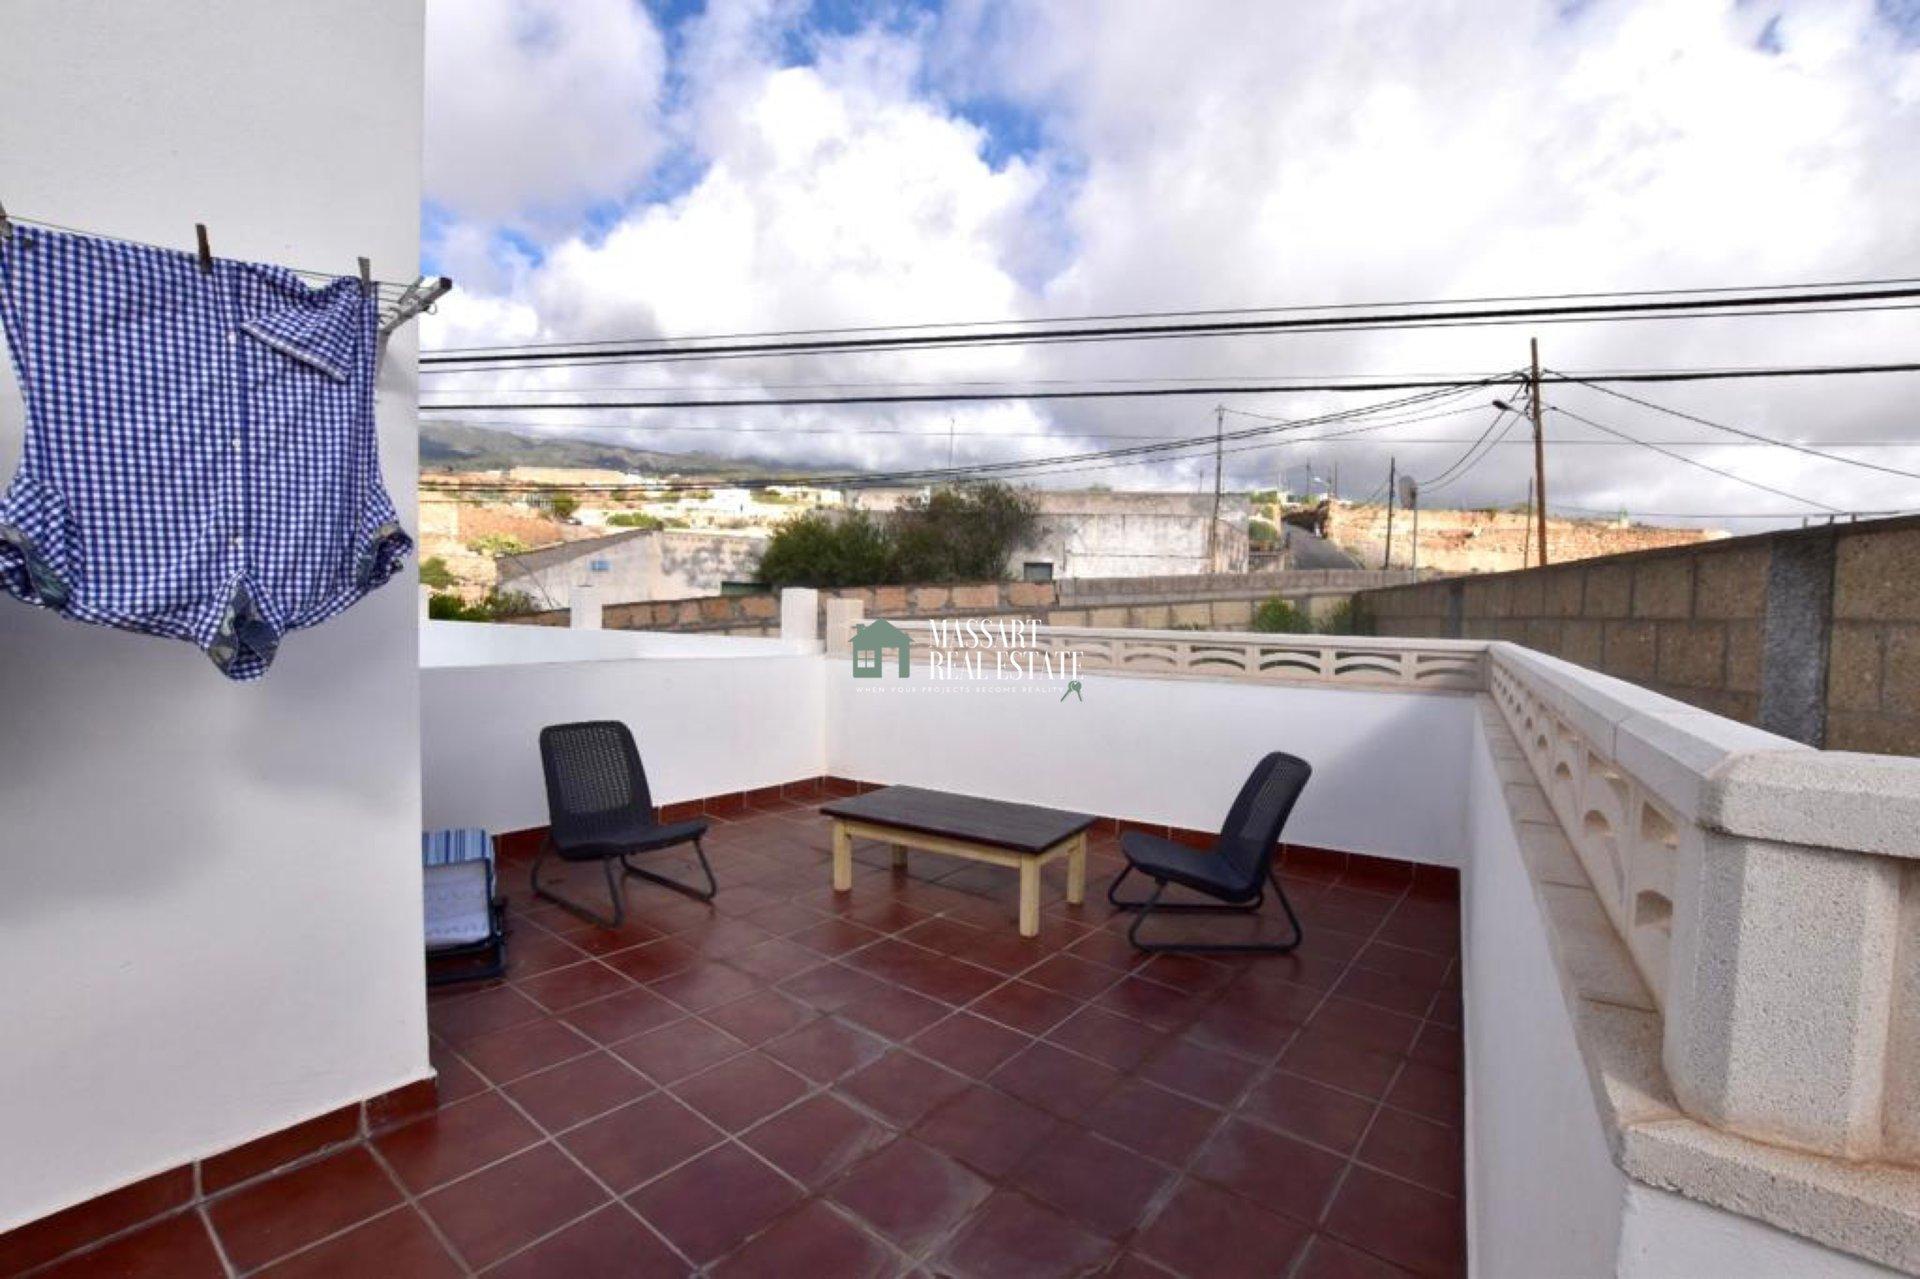 Apartamento de 80 m2 completamente amueblado y ubicado en una zona estratégica de Granadilla de Abona.